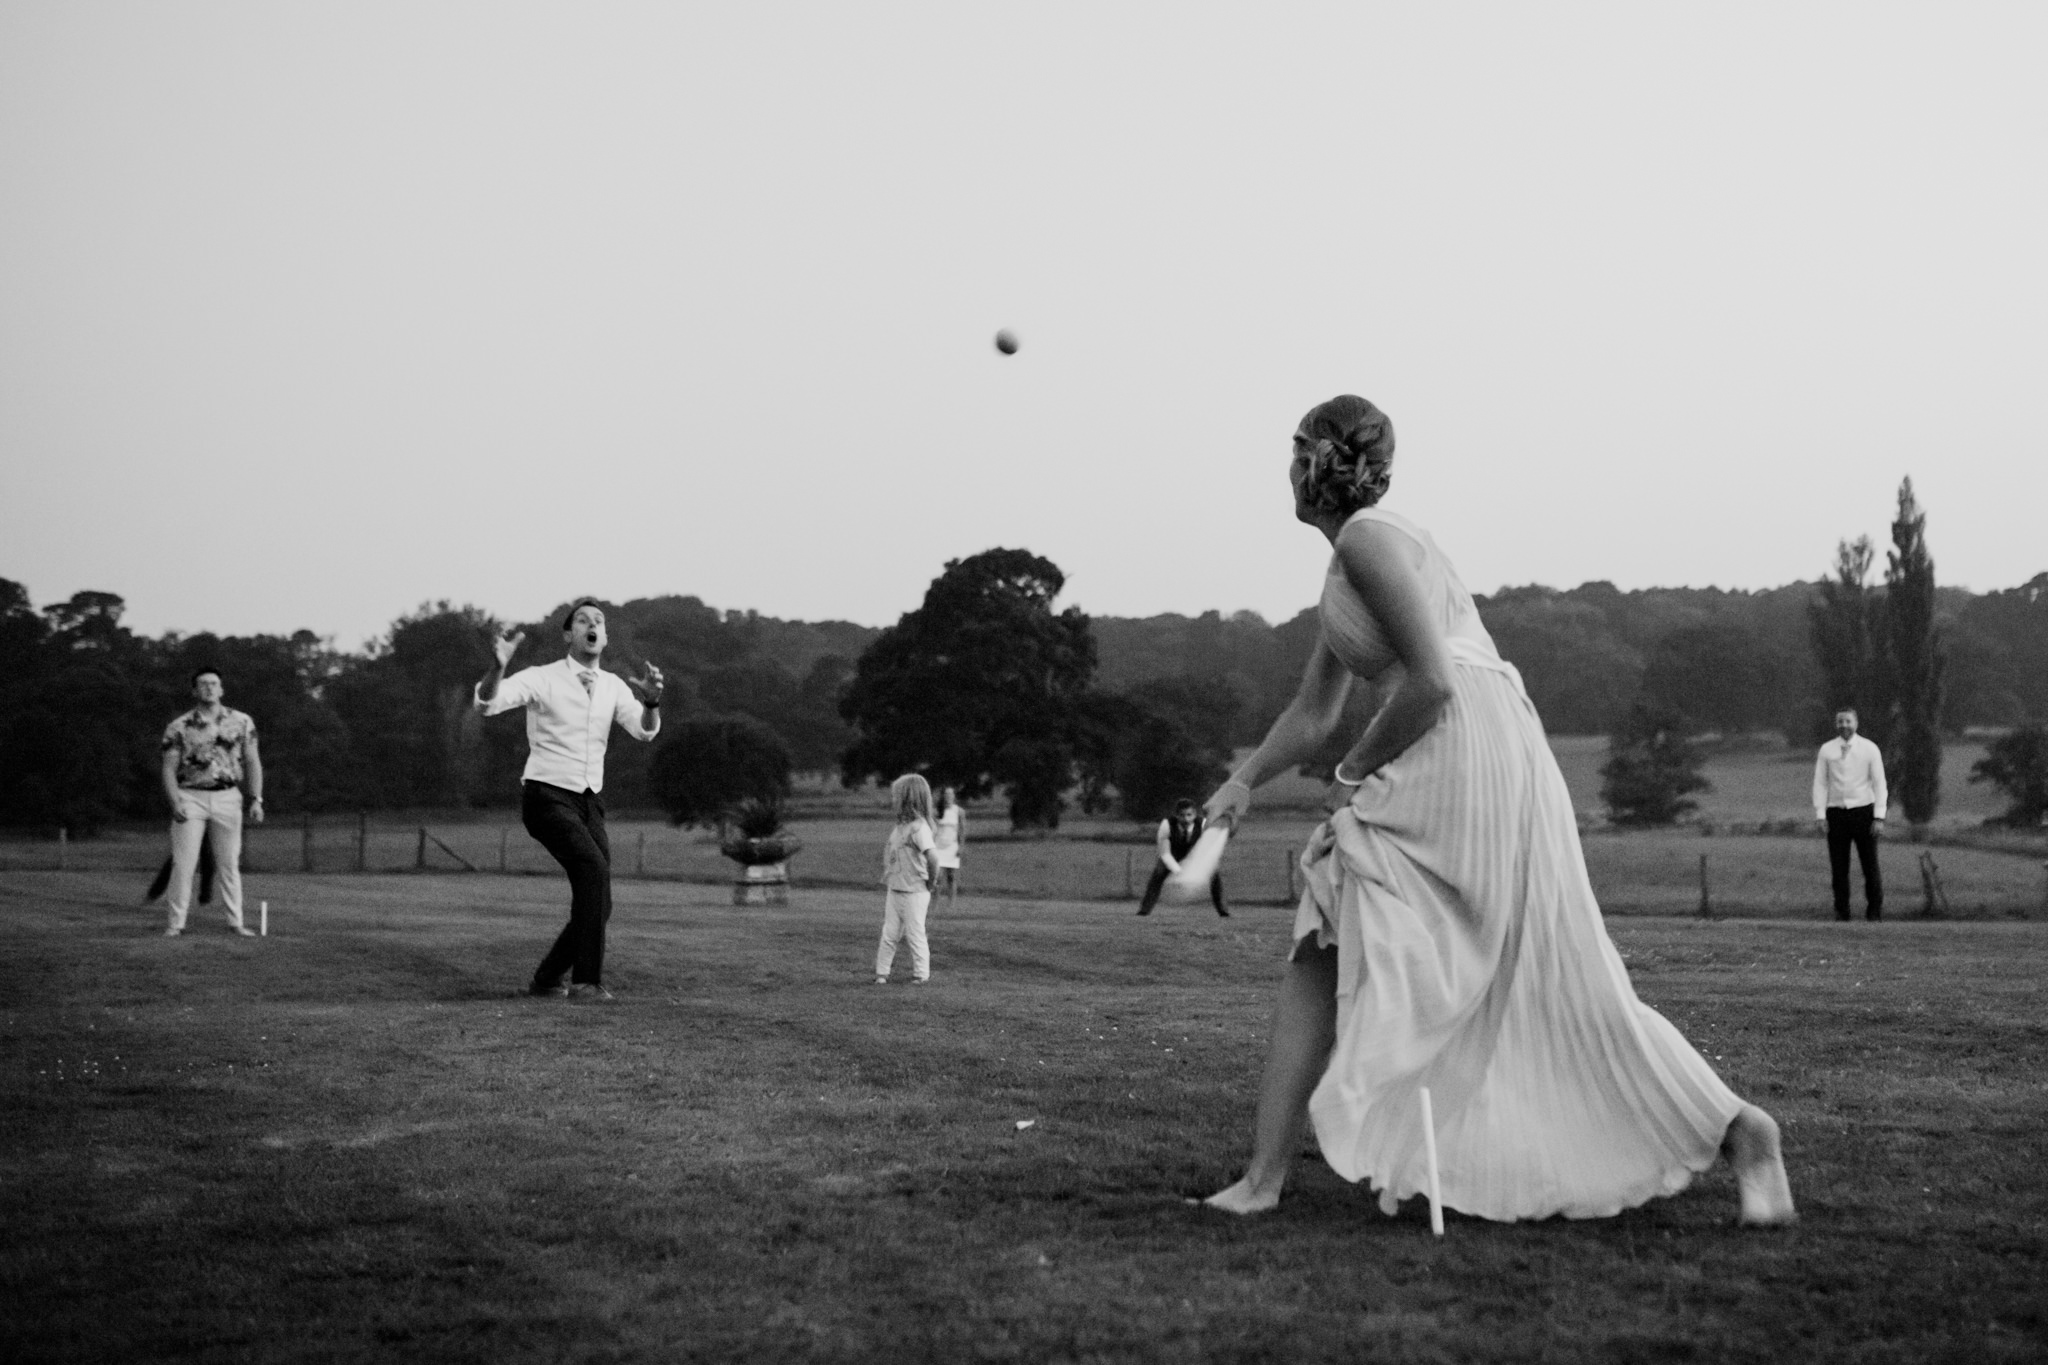 Rockbeare manor wedding photographer 057.jpg